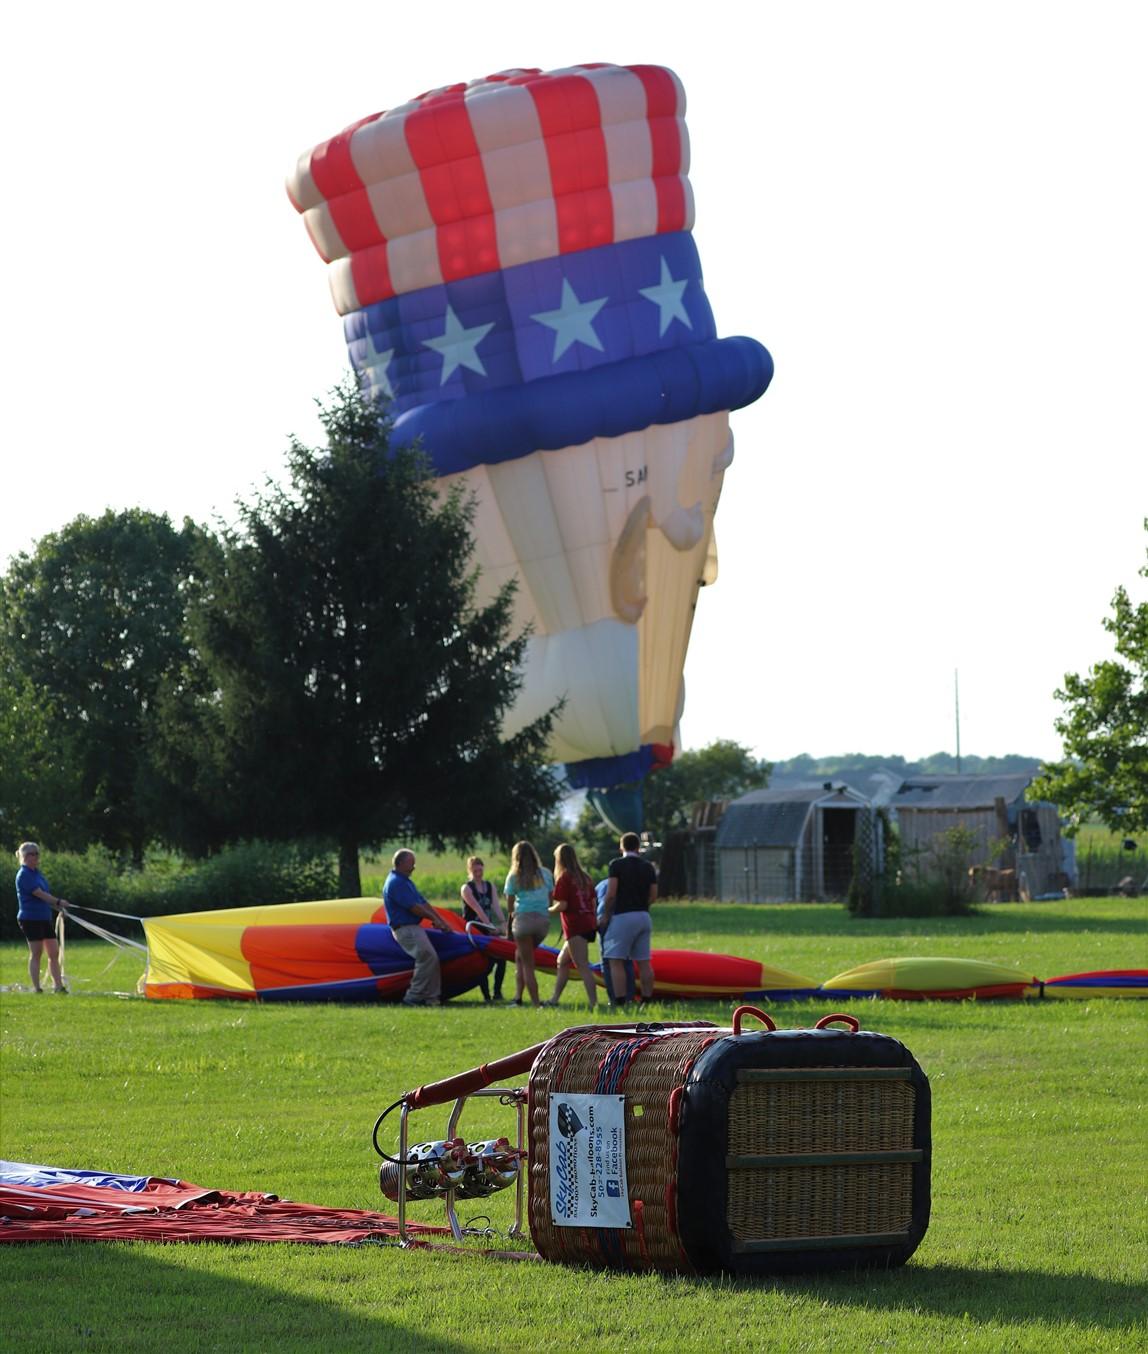 2018 08 11 285 Marysville OH Balloon Festival.jpg